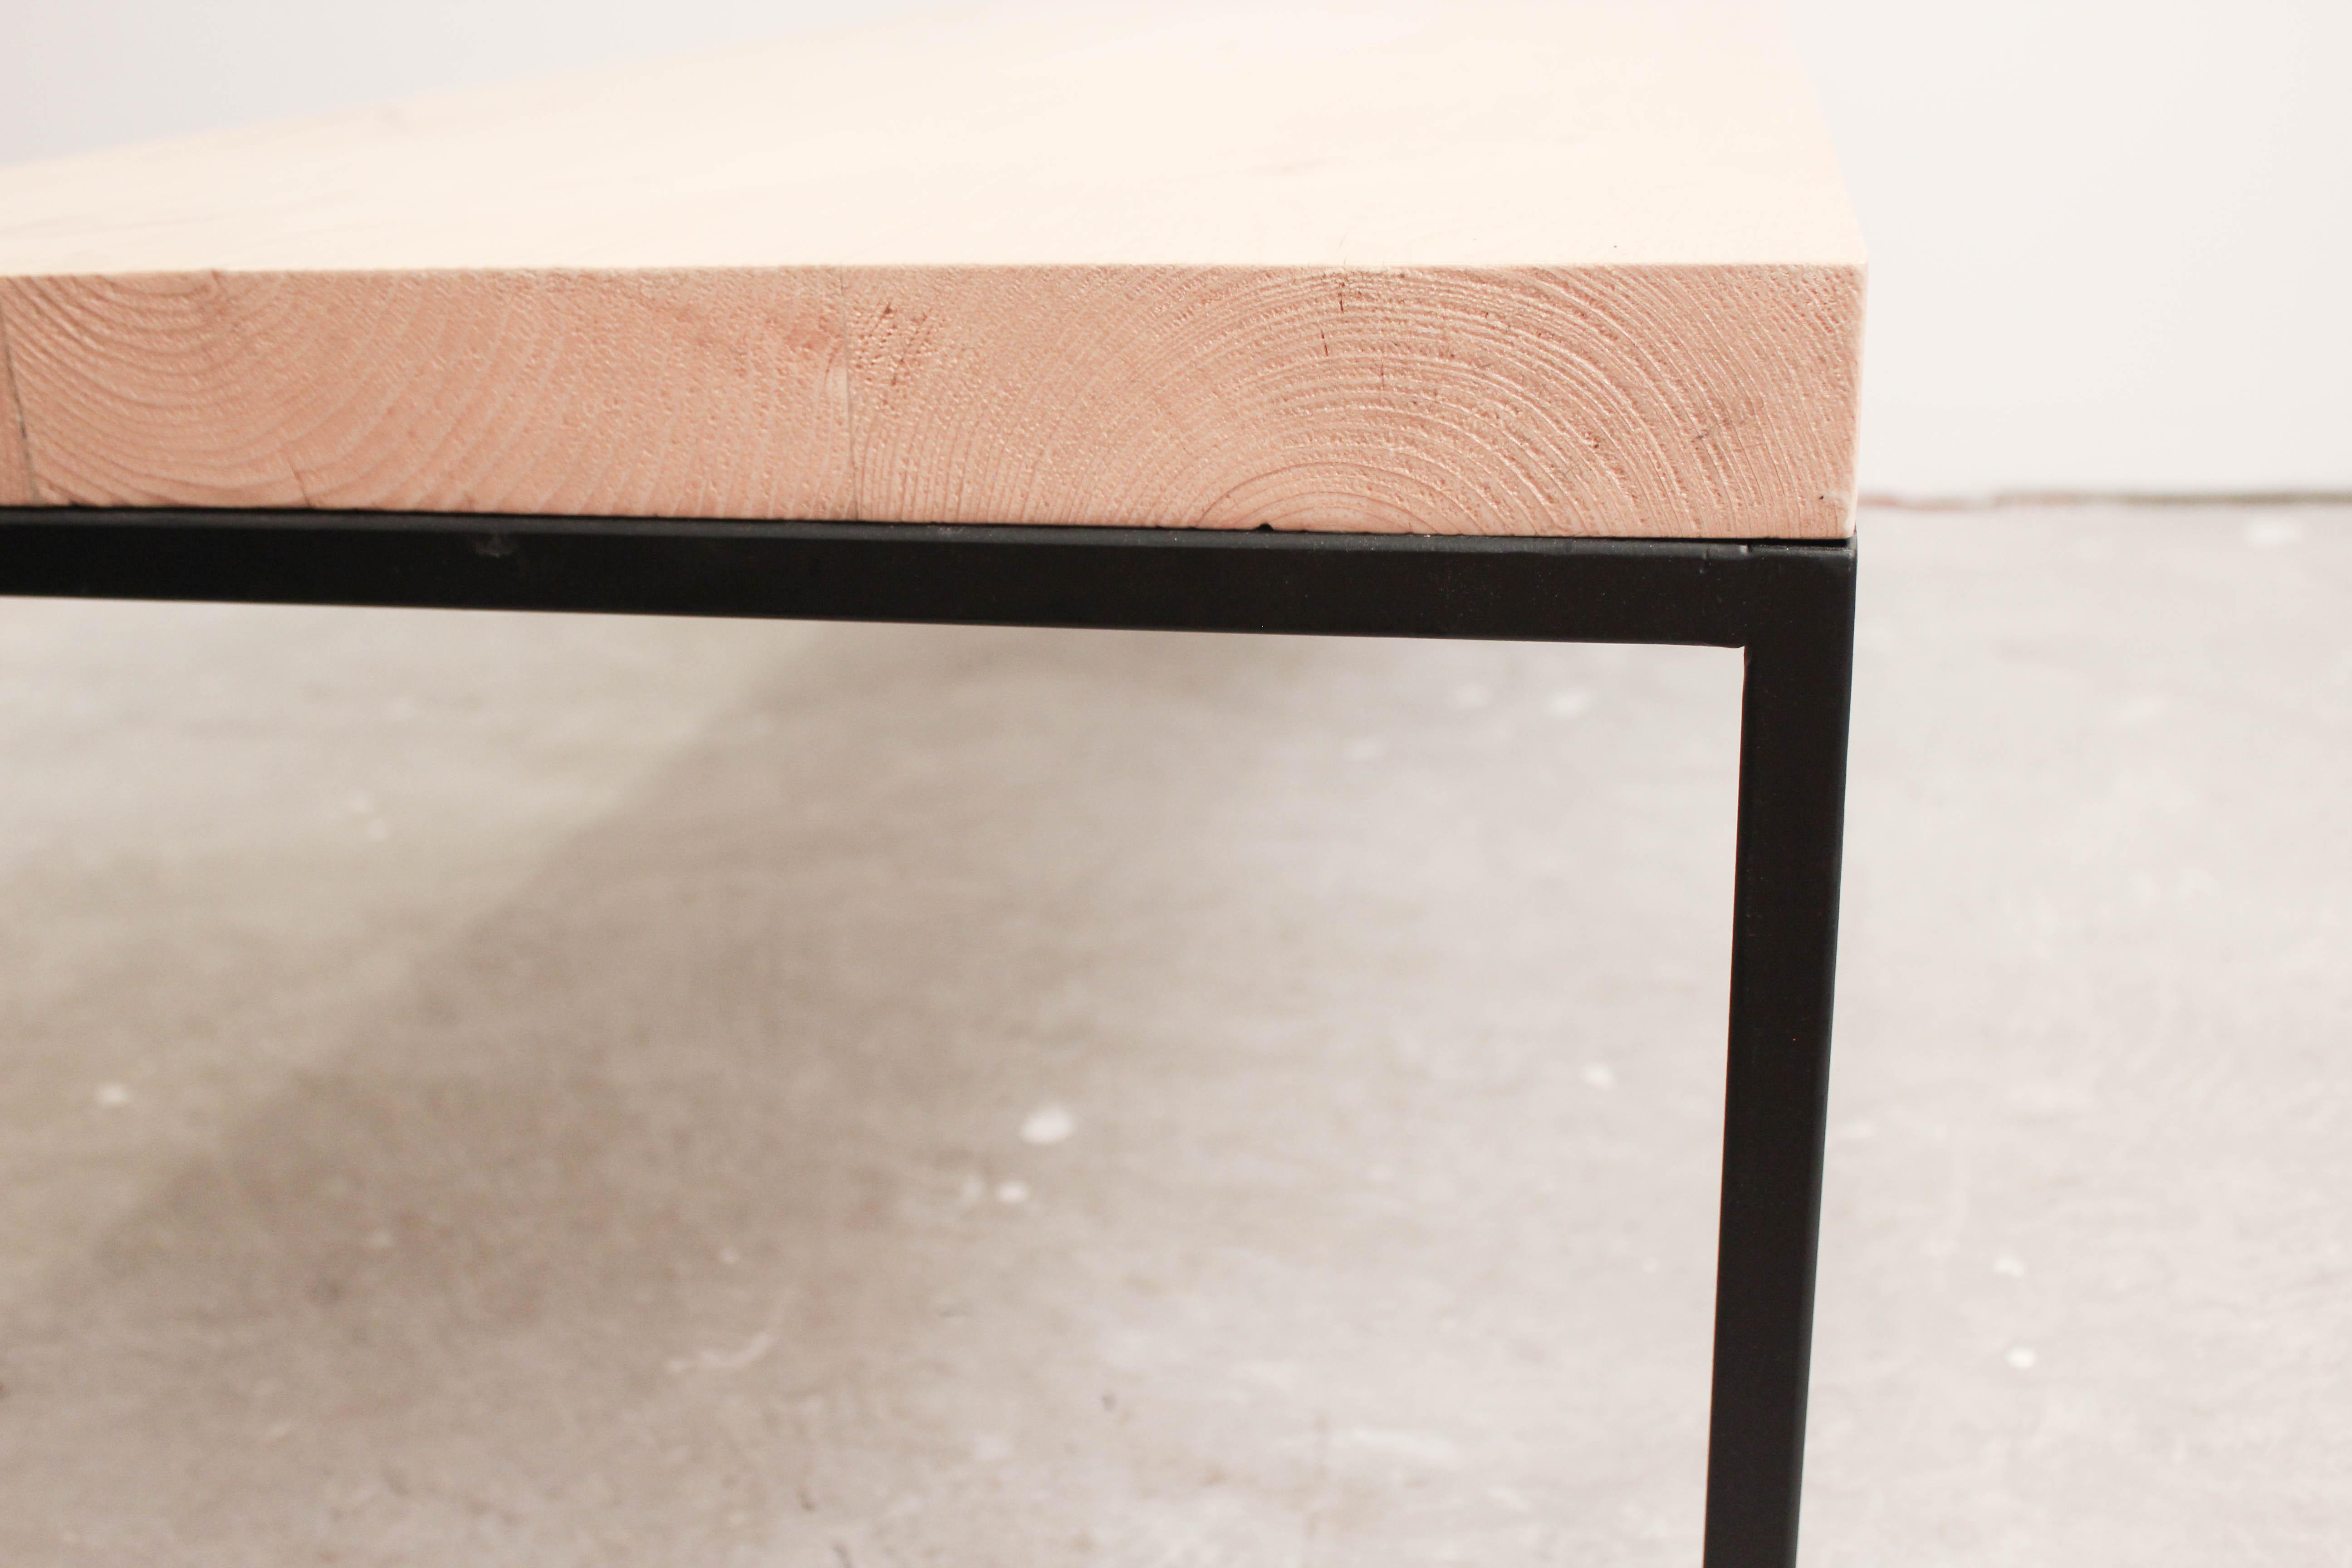 meubles roll 4-26